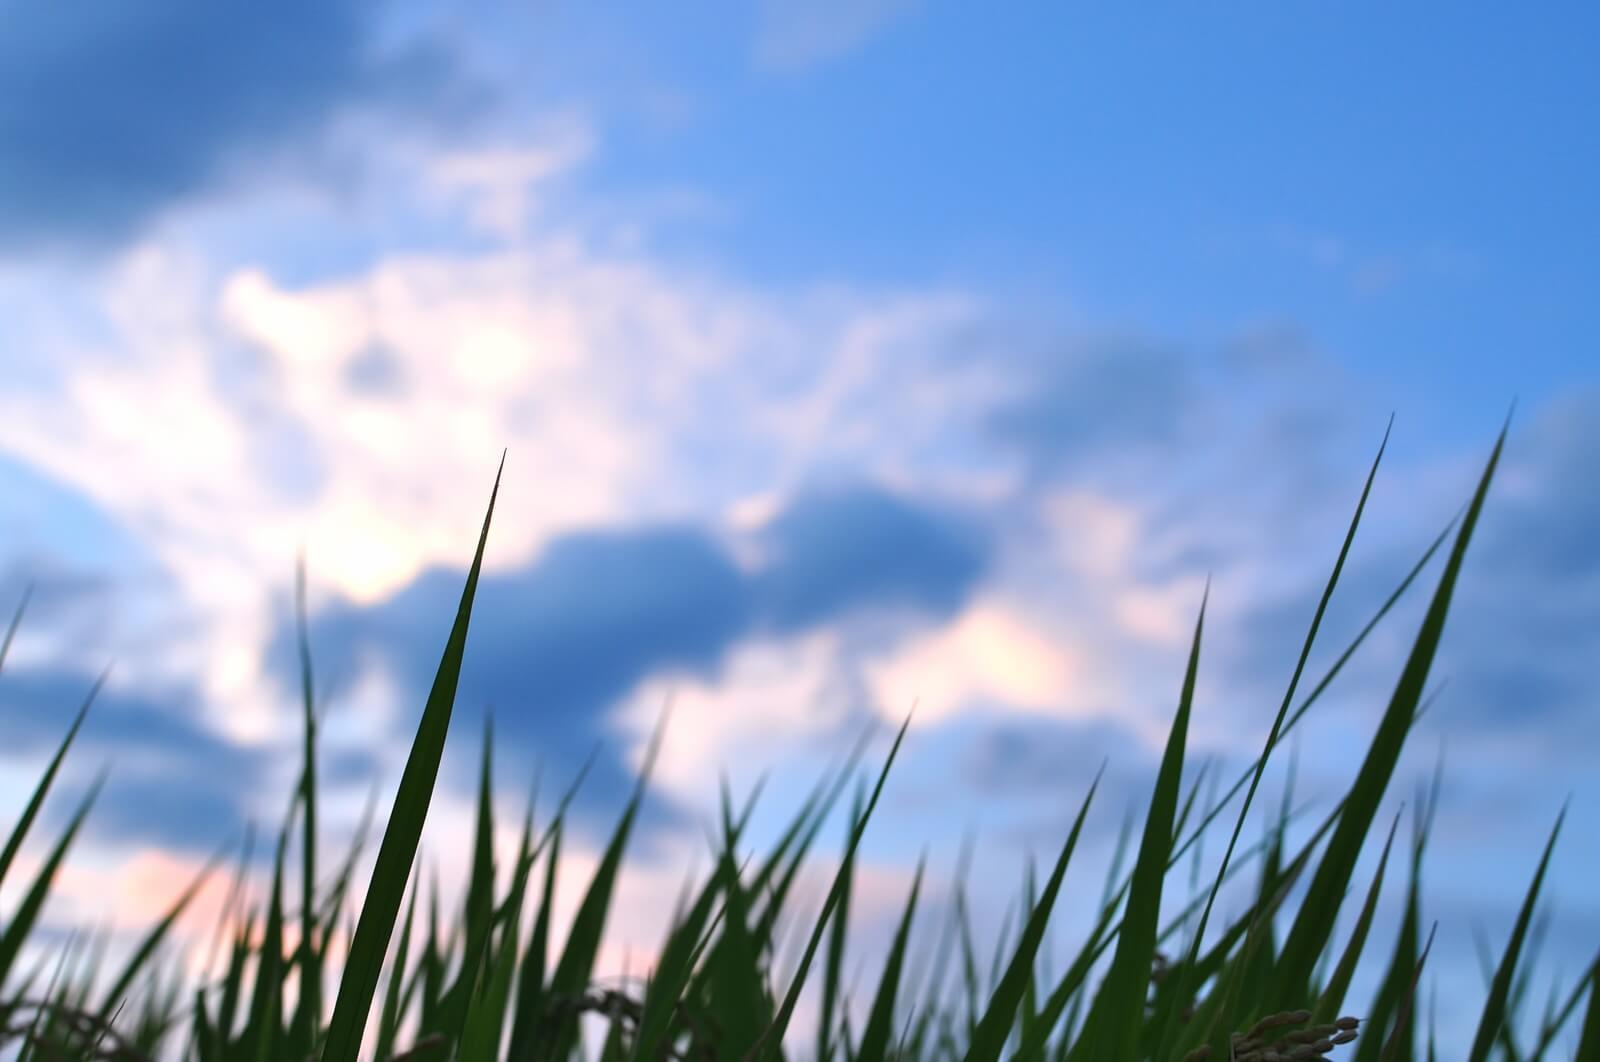 空に向かって伸びる麦